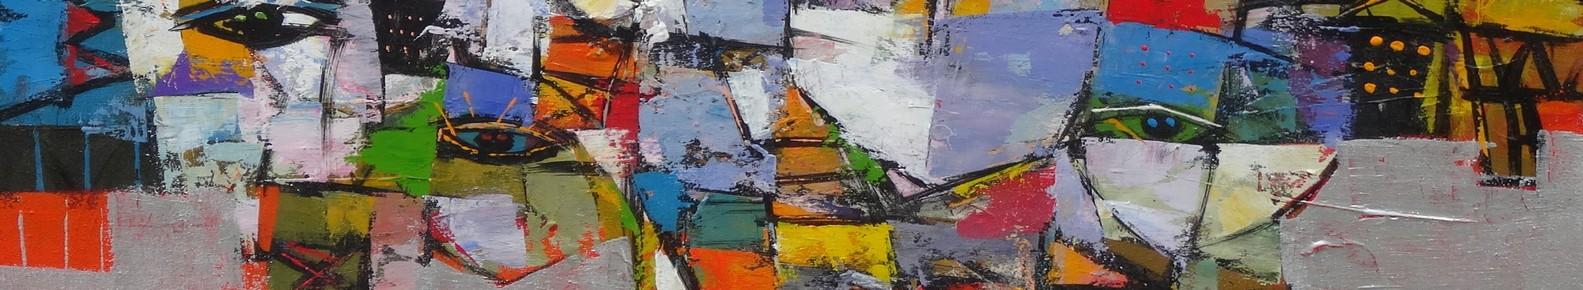 Galerie d 39 art en ligne tableaux uniques contemporains - Tableaux tryptiques contemporains ...